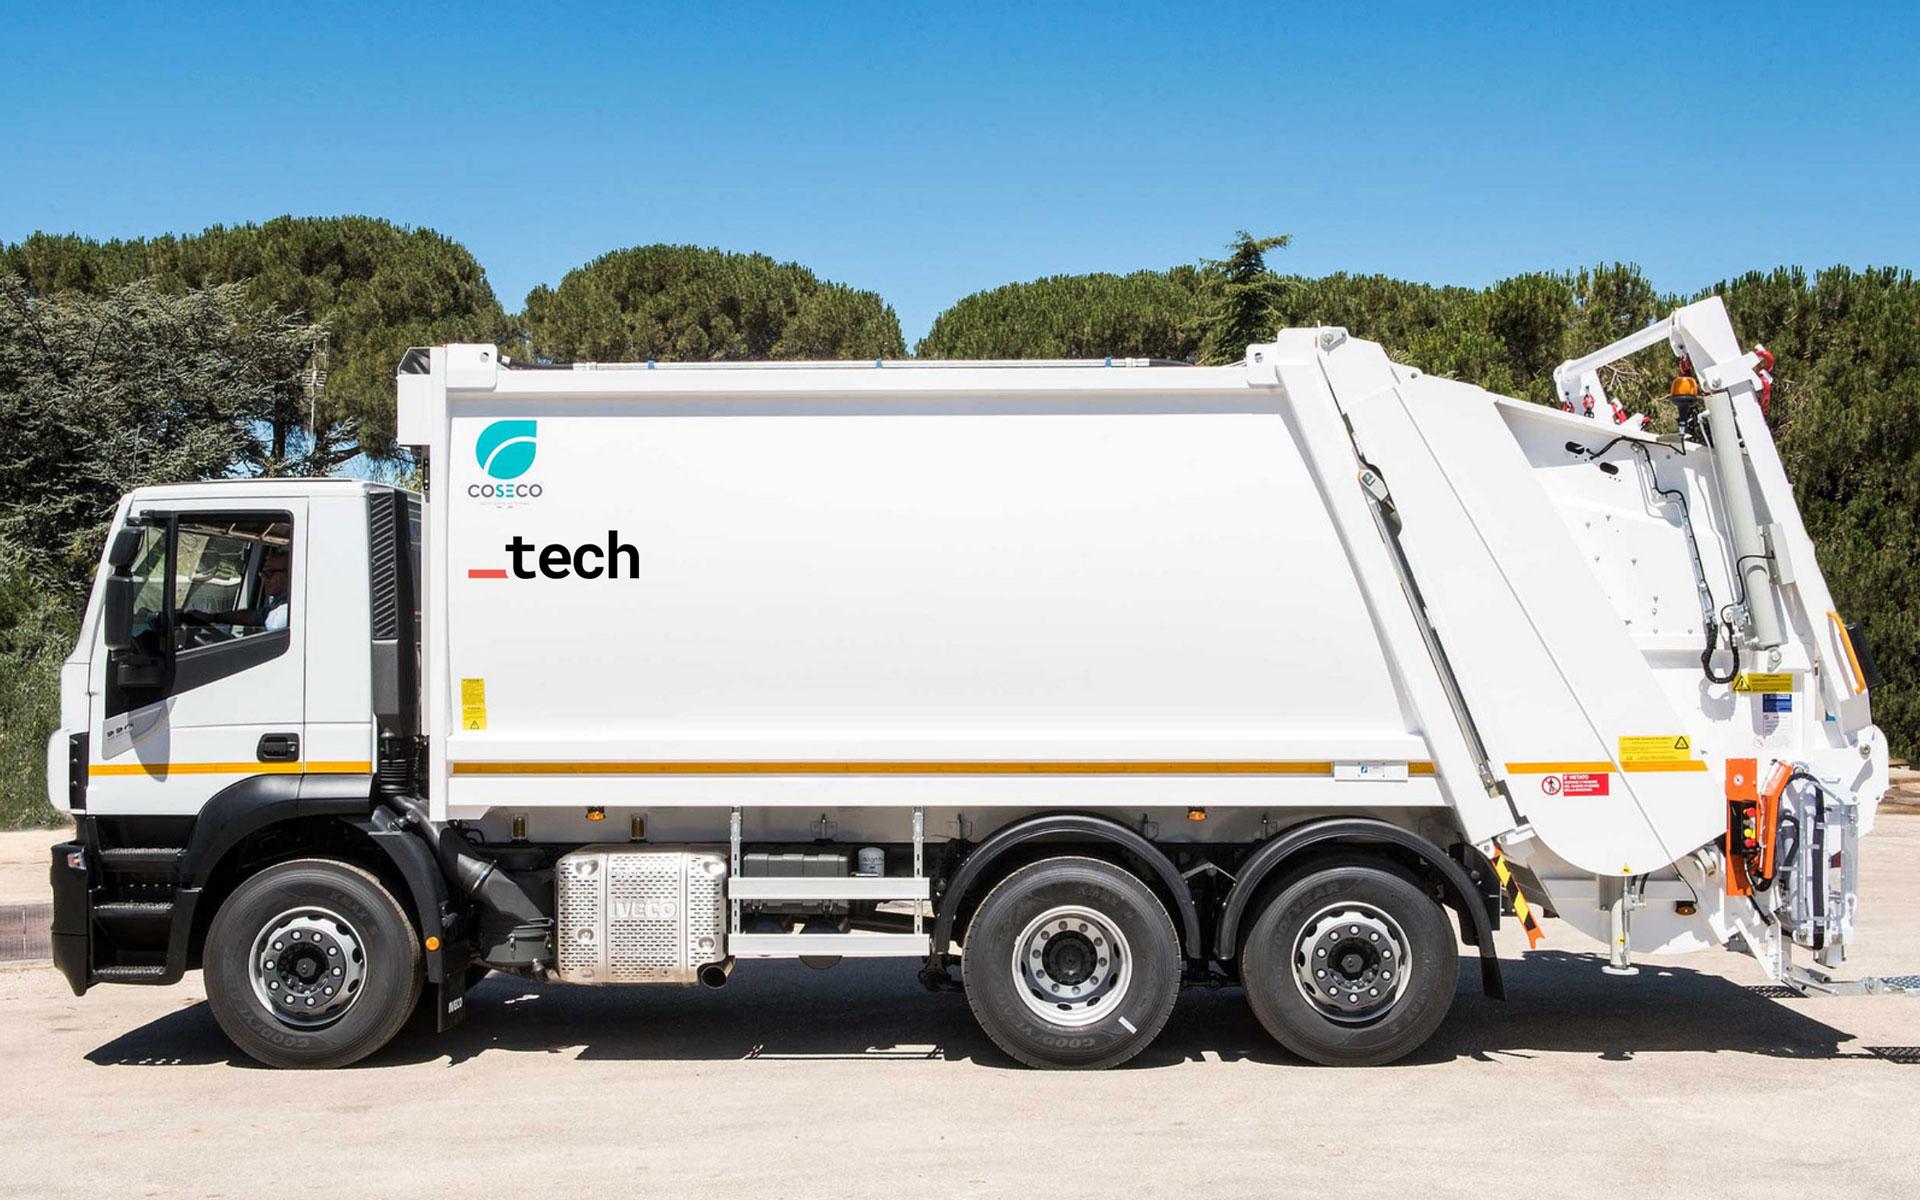 Siracusa, interdittiva antimafia alla Tech: stop raccolta dei rifiuti